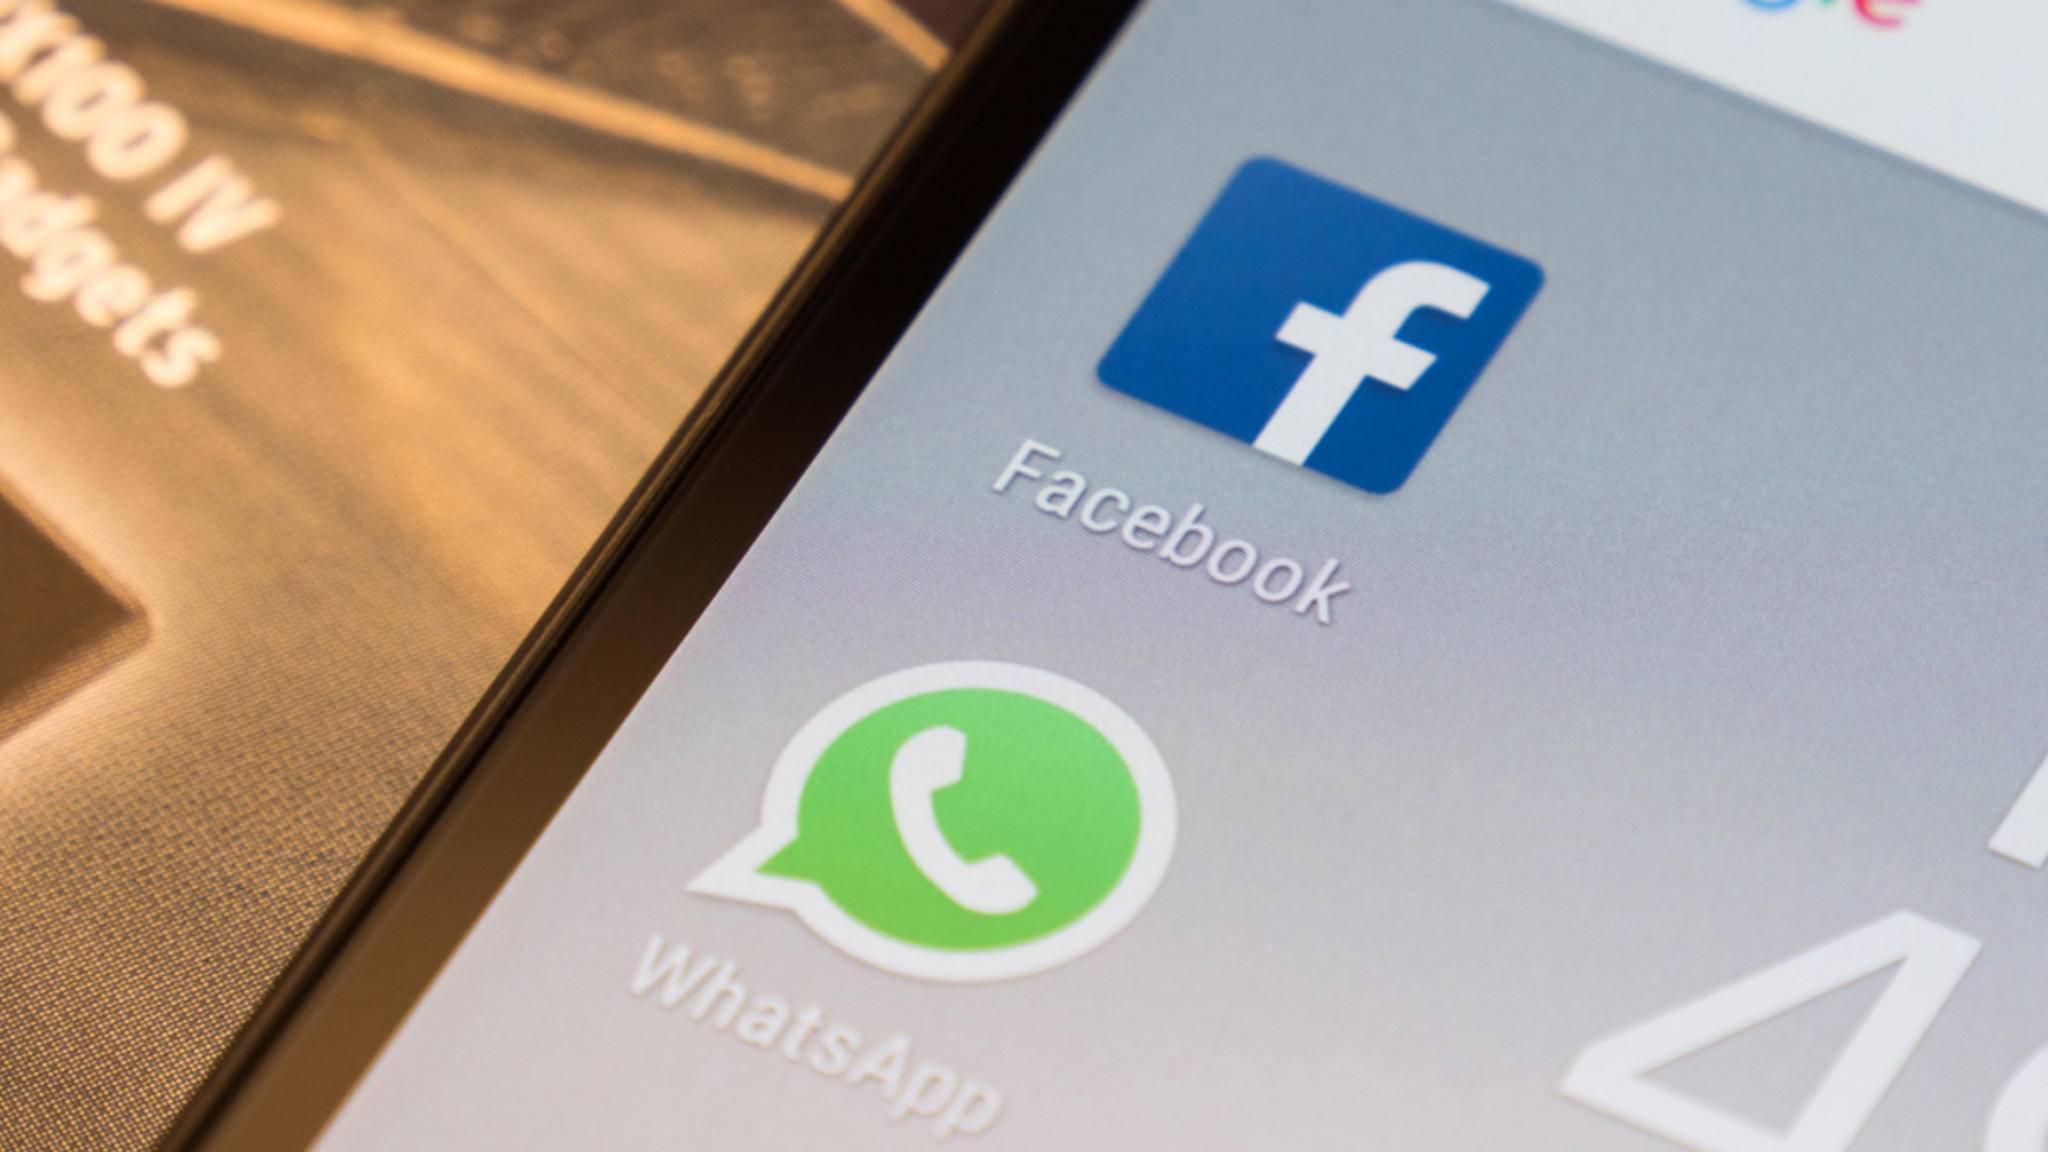 WhatsApp für Android soll mit dem nächsten Update eine Bild-in-Bild-Funktion bekommen.